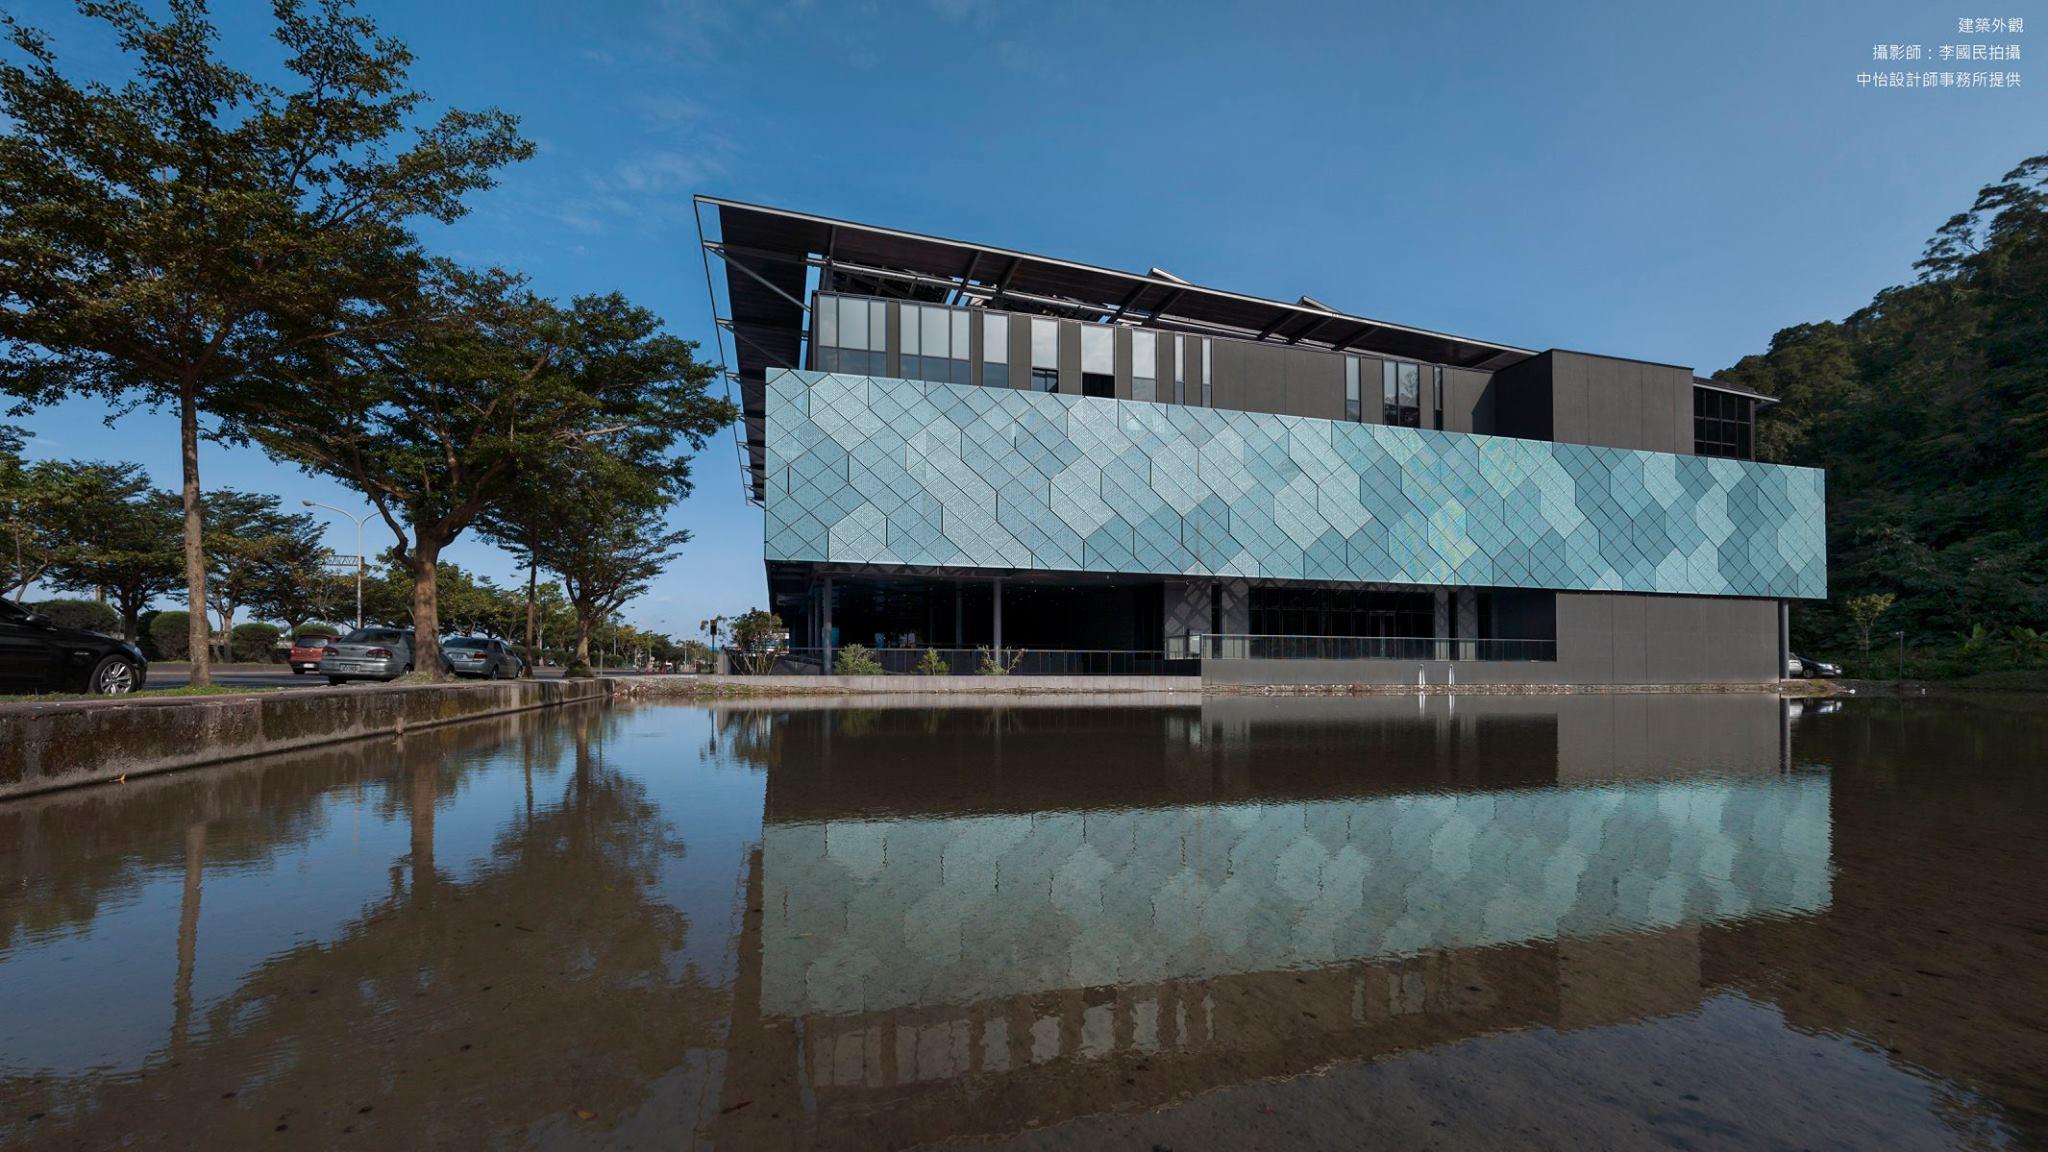 安永心食館是一座鑽石級綠建築,也是饒富趣味的觀光工廠。圖/安永心食館臉書粉絲專頁